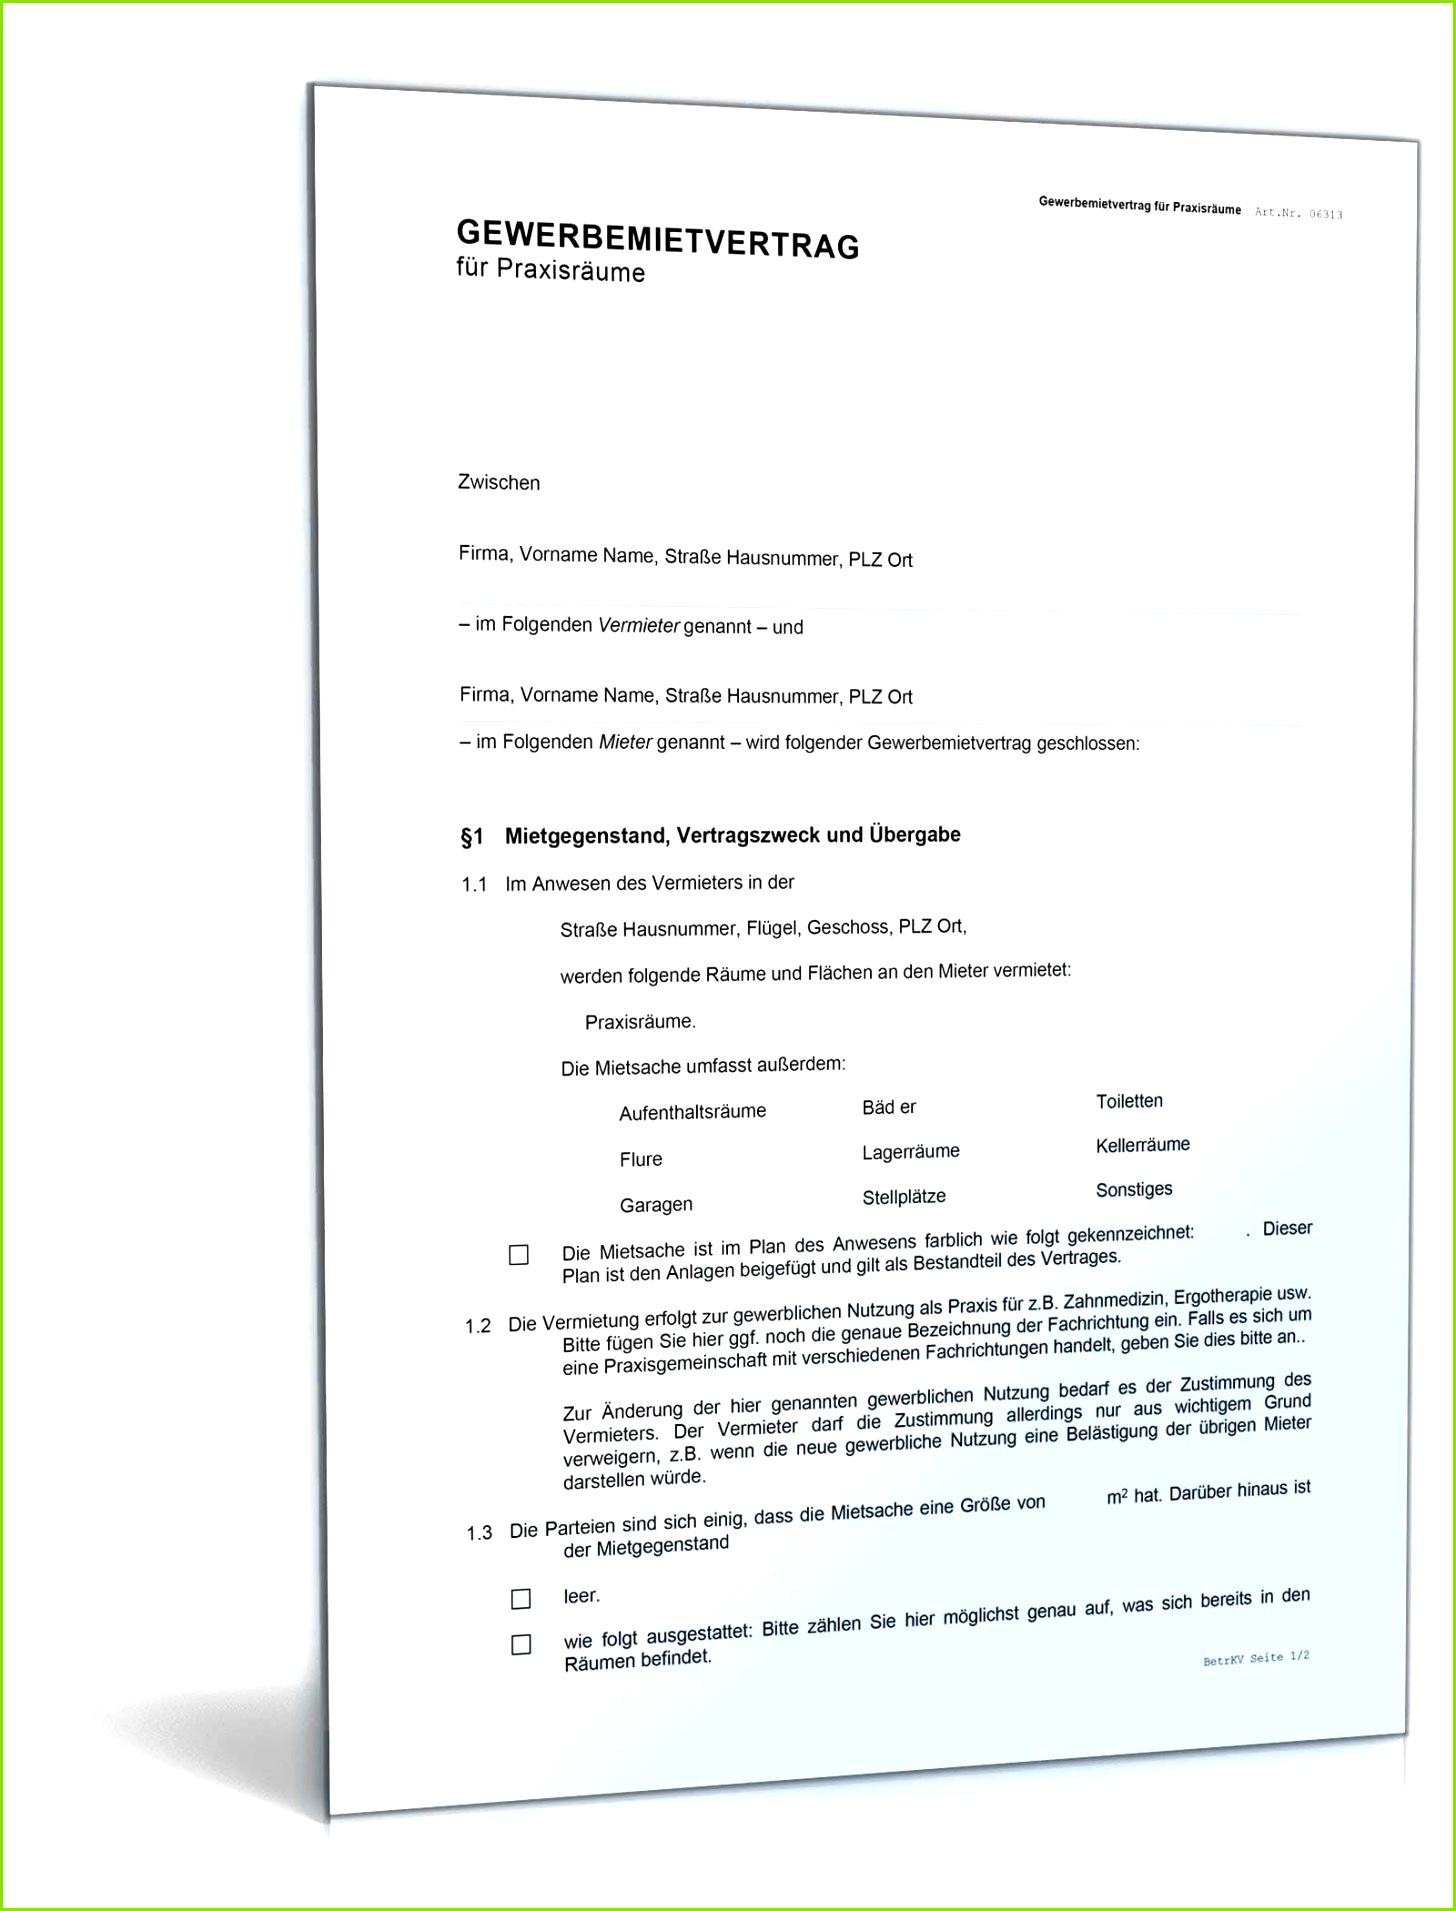 Kundigung Steuerberater Muster kündigung vertrag vorlage kostenlos neu kündigung mietvertrag